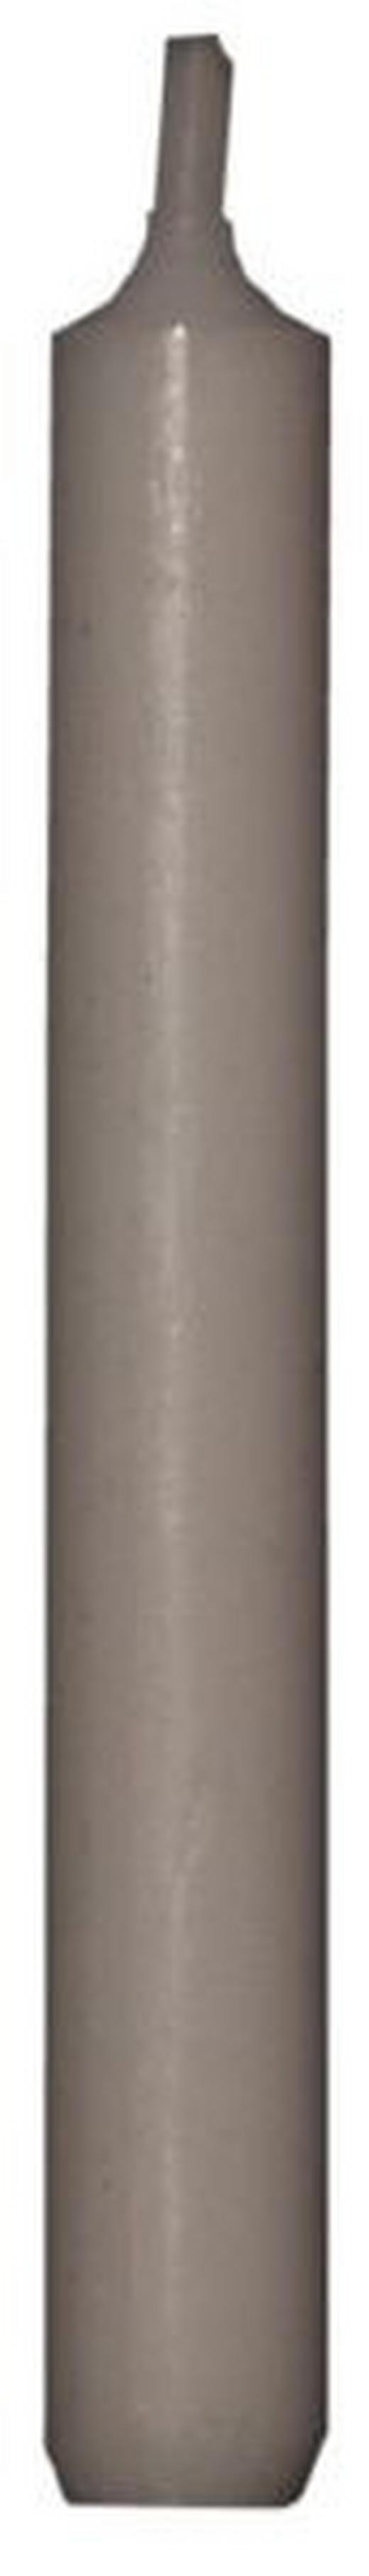 STABKERZE 18 cm - Weiß, Basics (18cm) - Steinhart